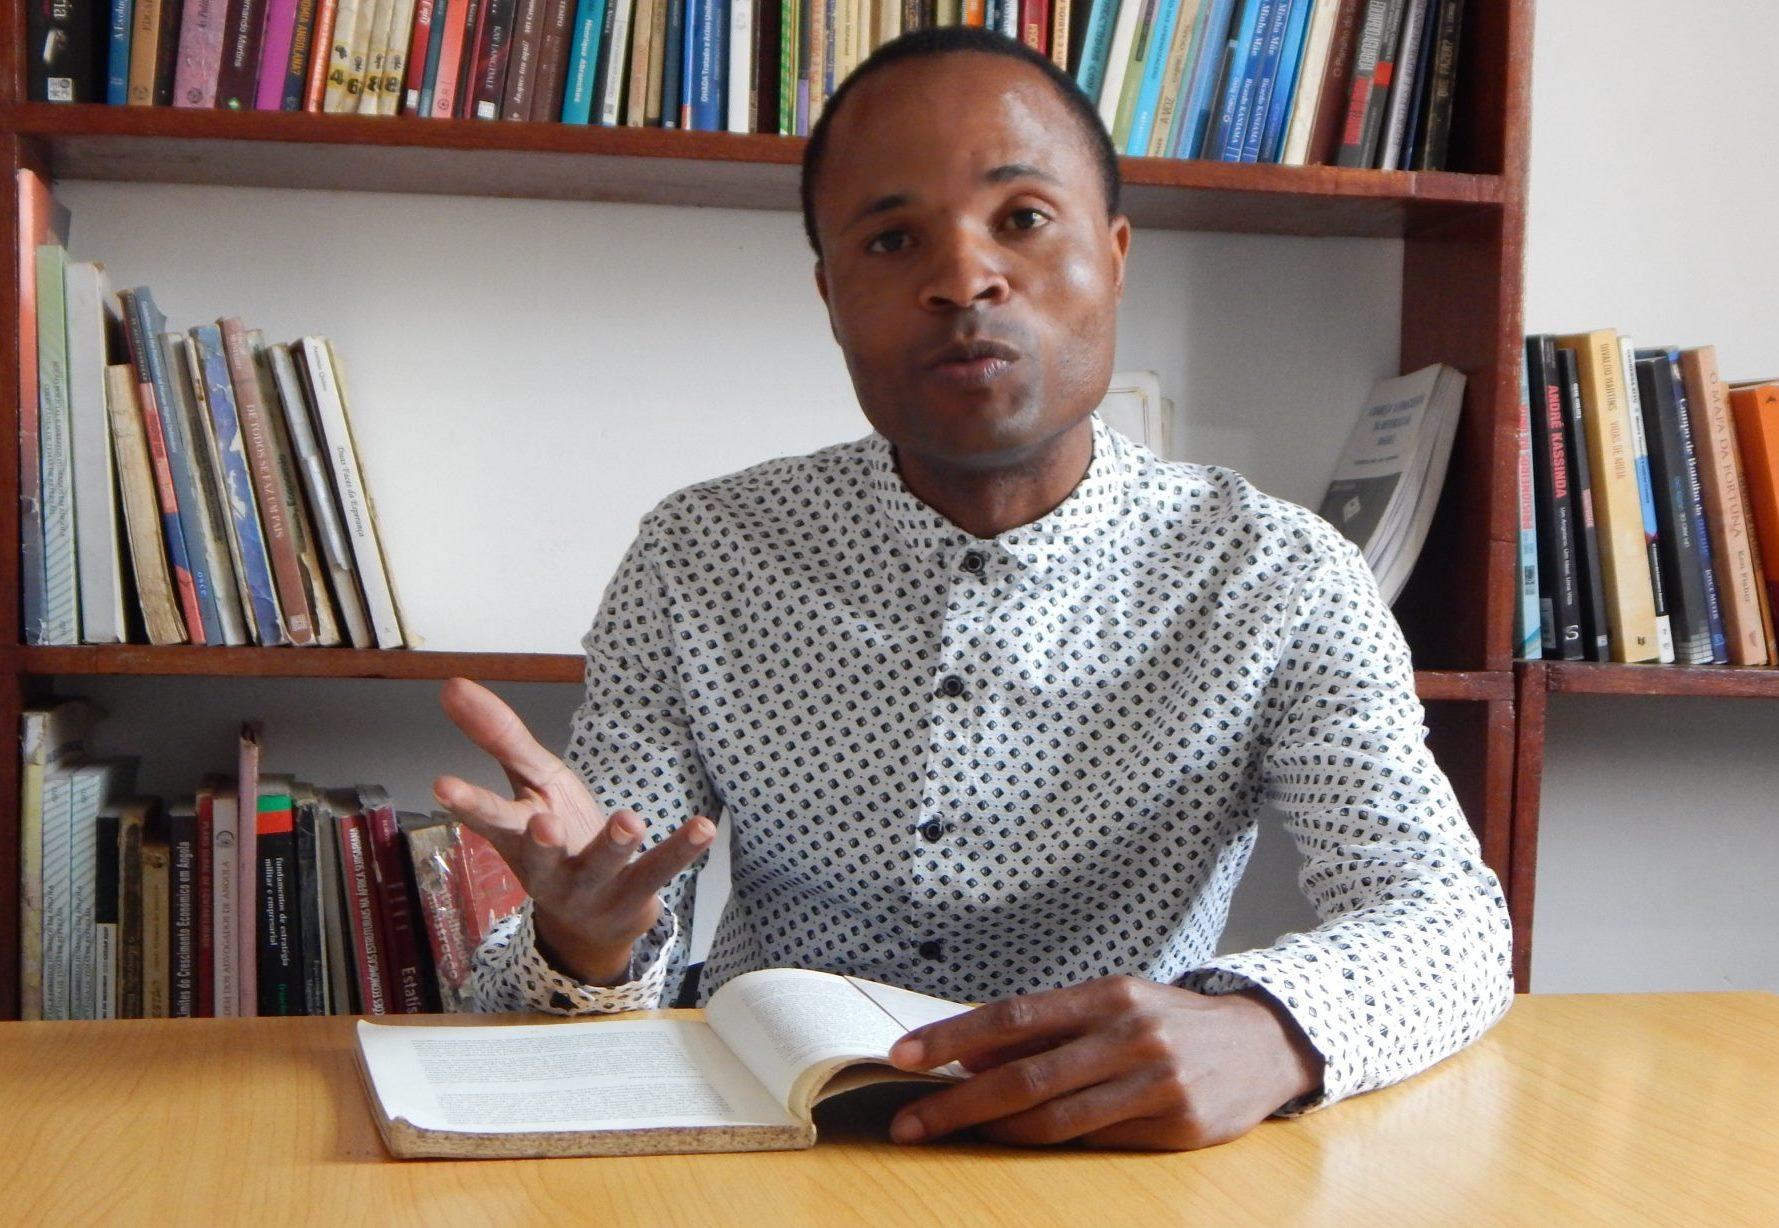 Intercâmbio cultural une em Angola docentes universitários de várias partes do mundo